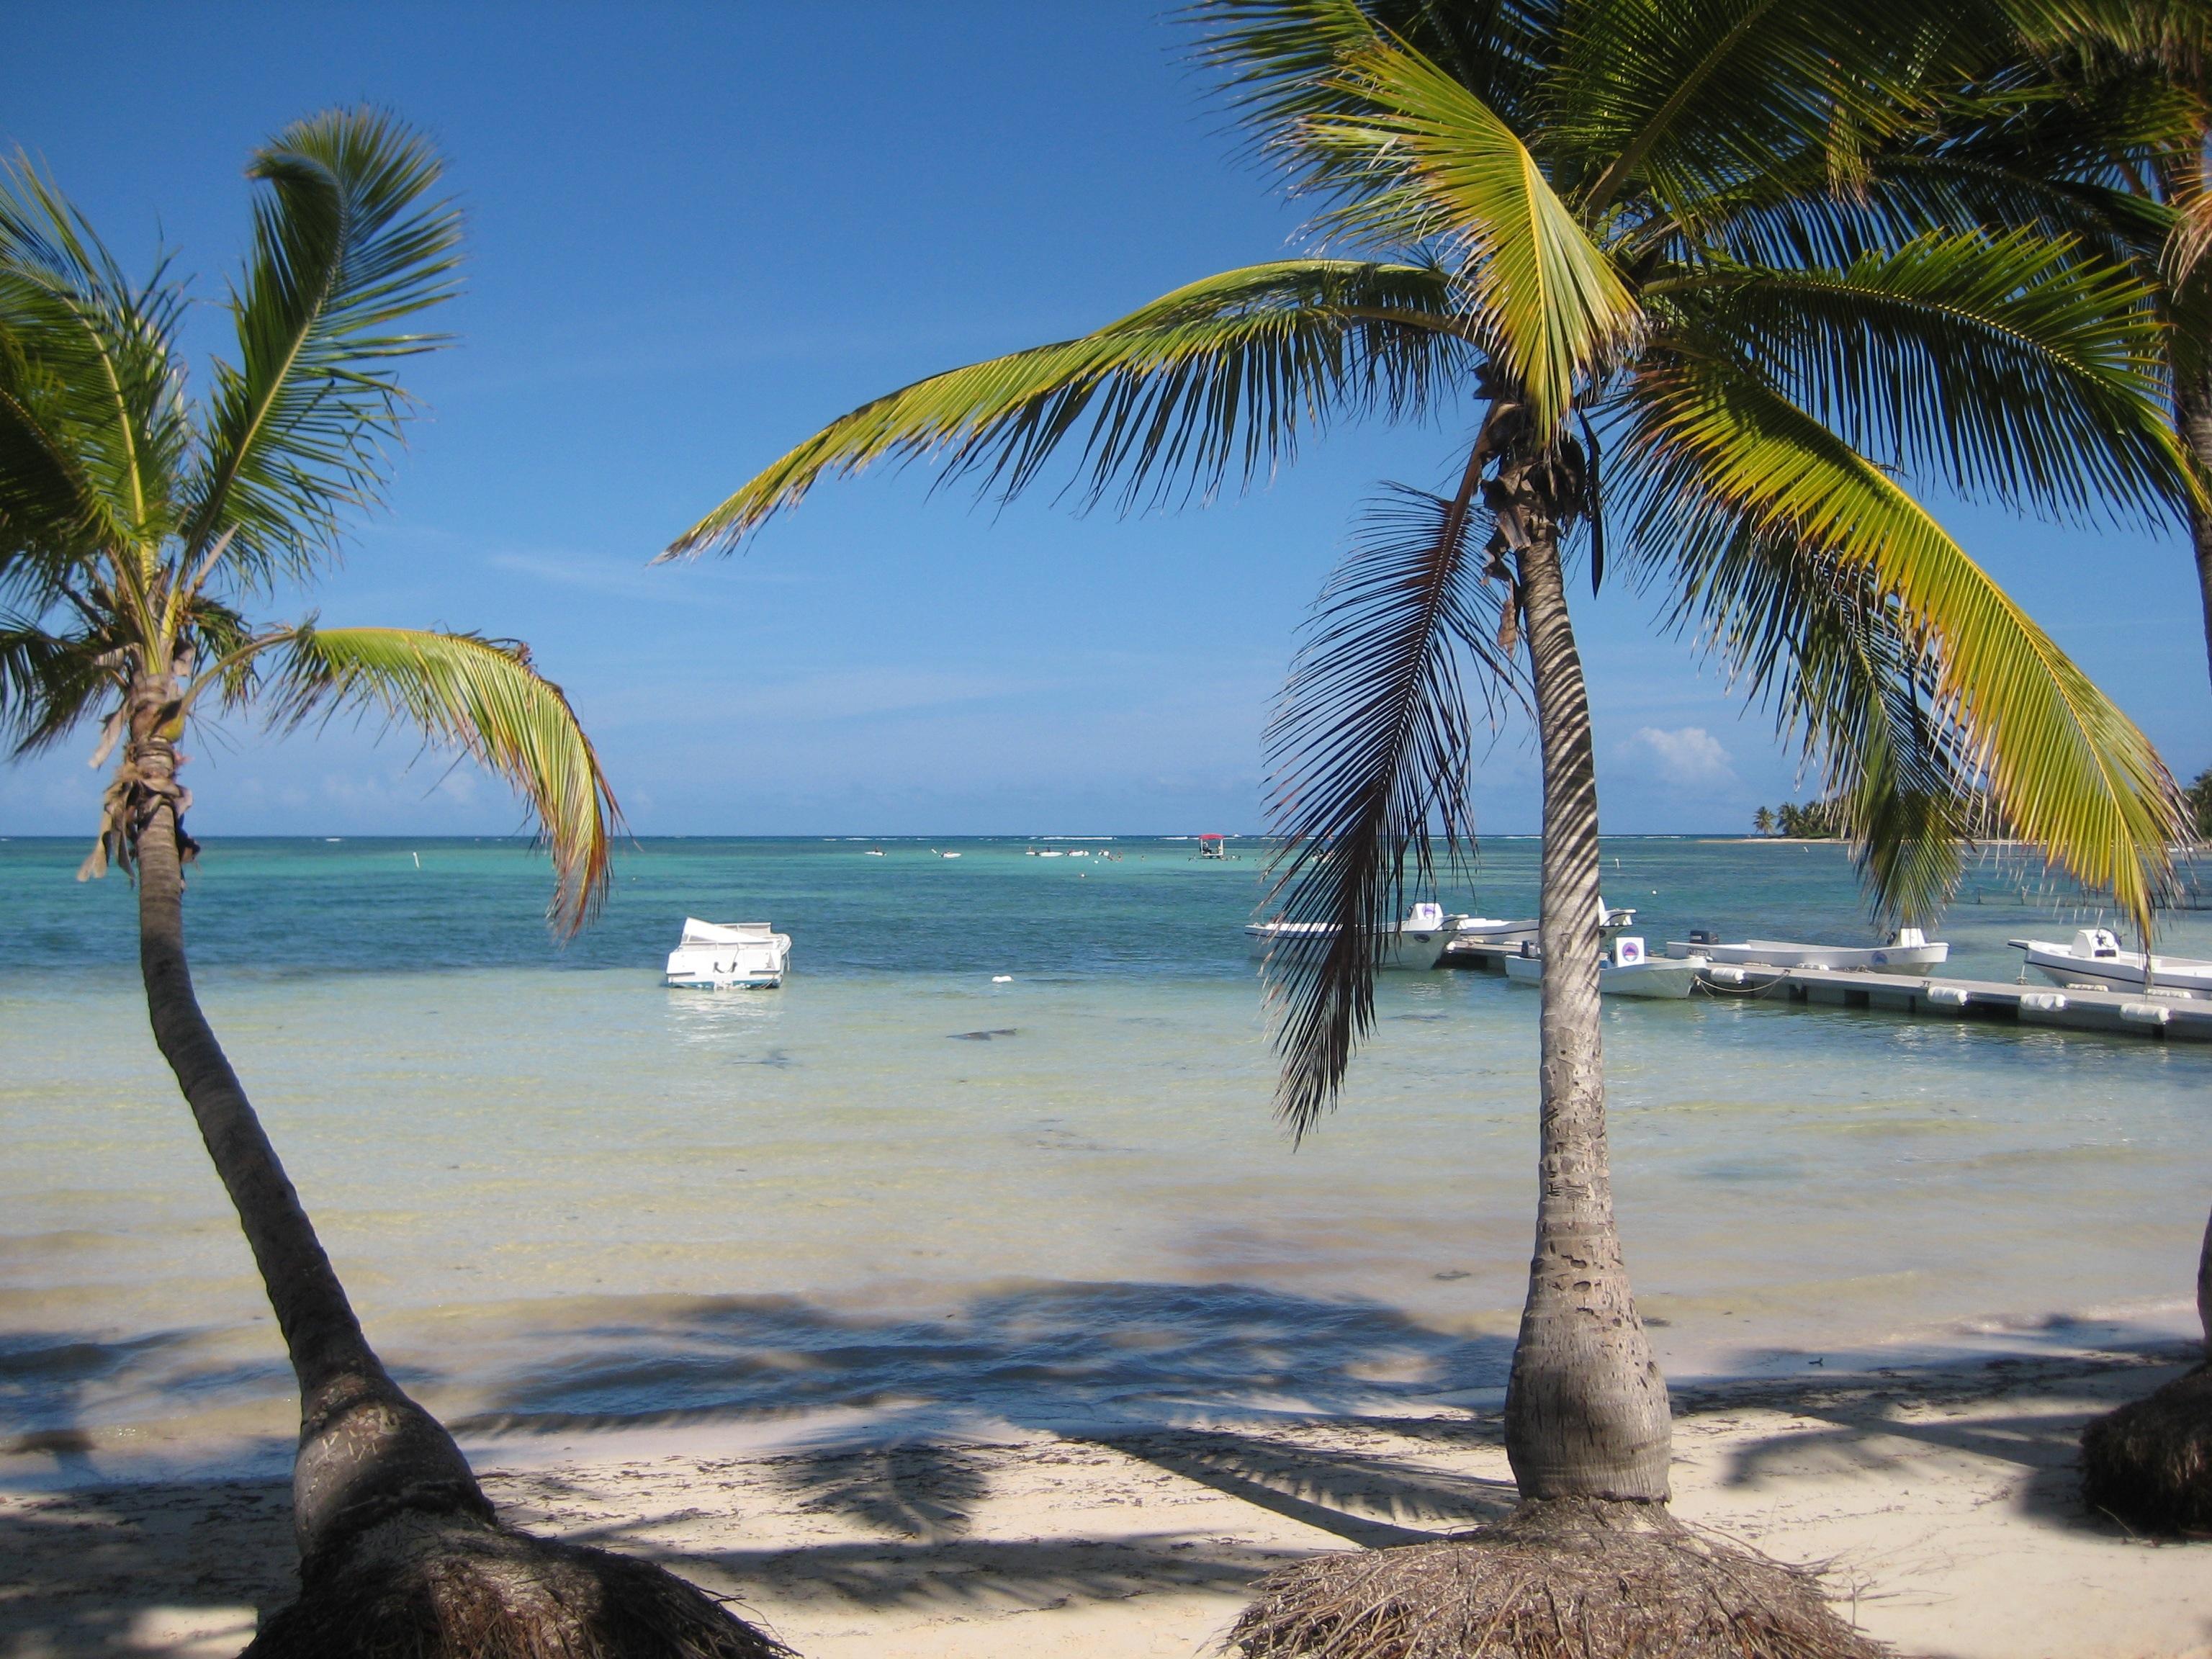 República Dominicana: el destino turístico más popular